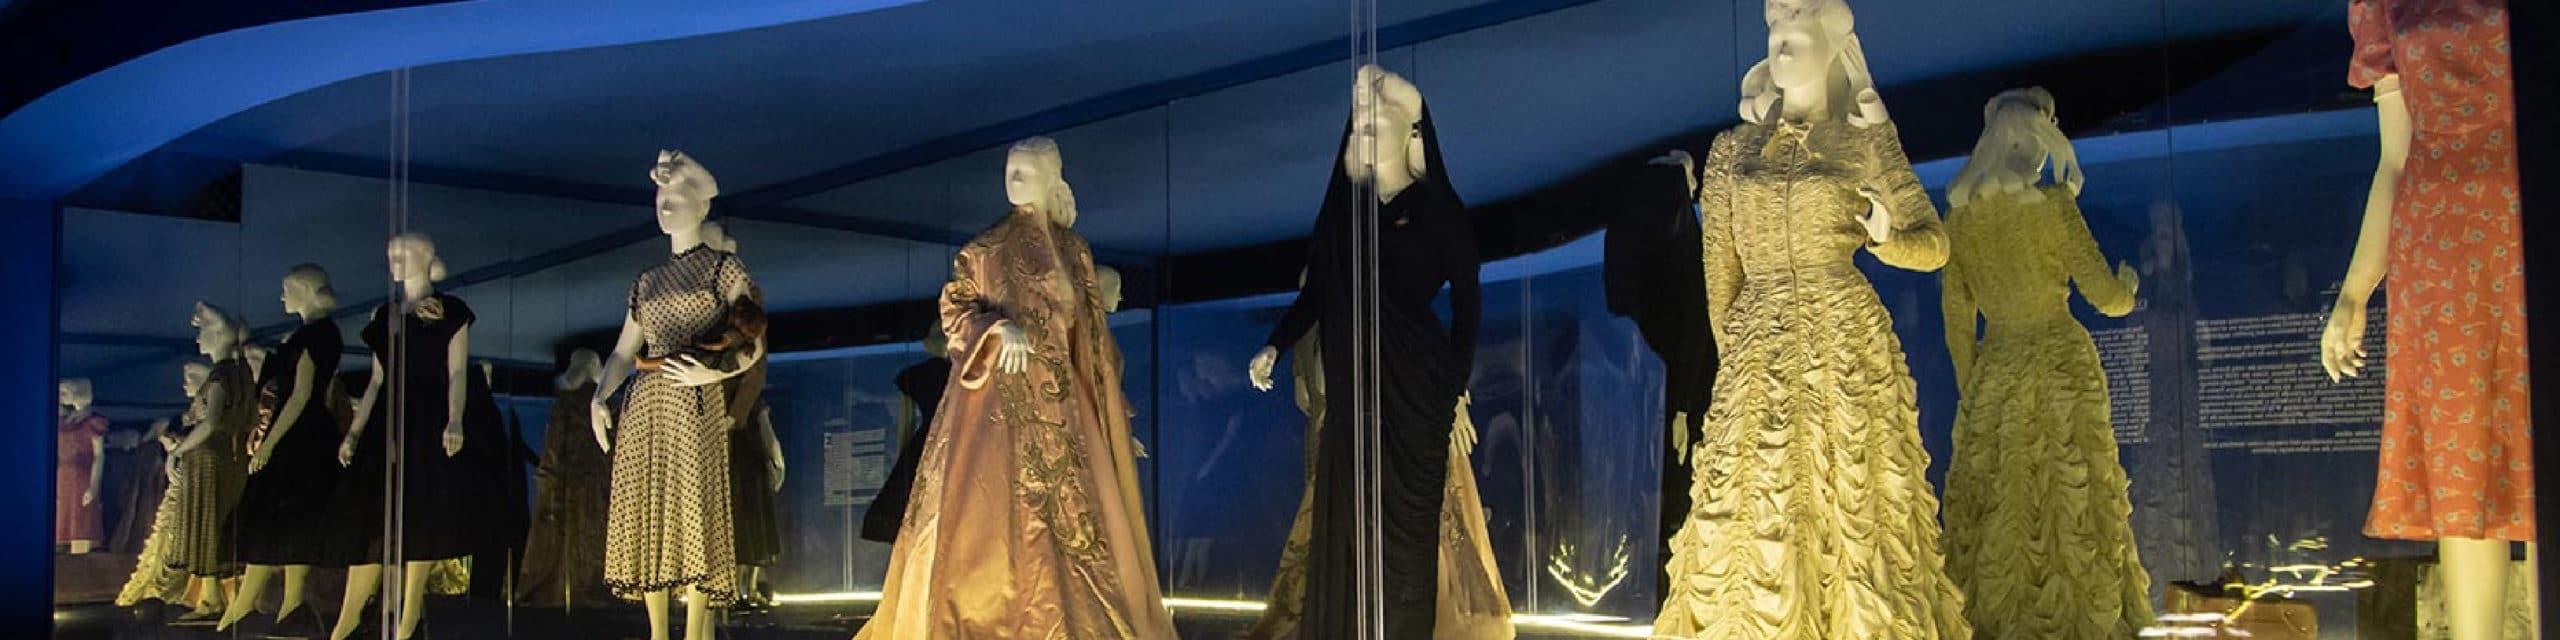 Eva Peron Museum in Buenos Aires